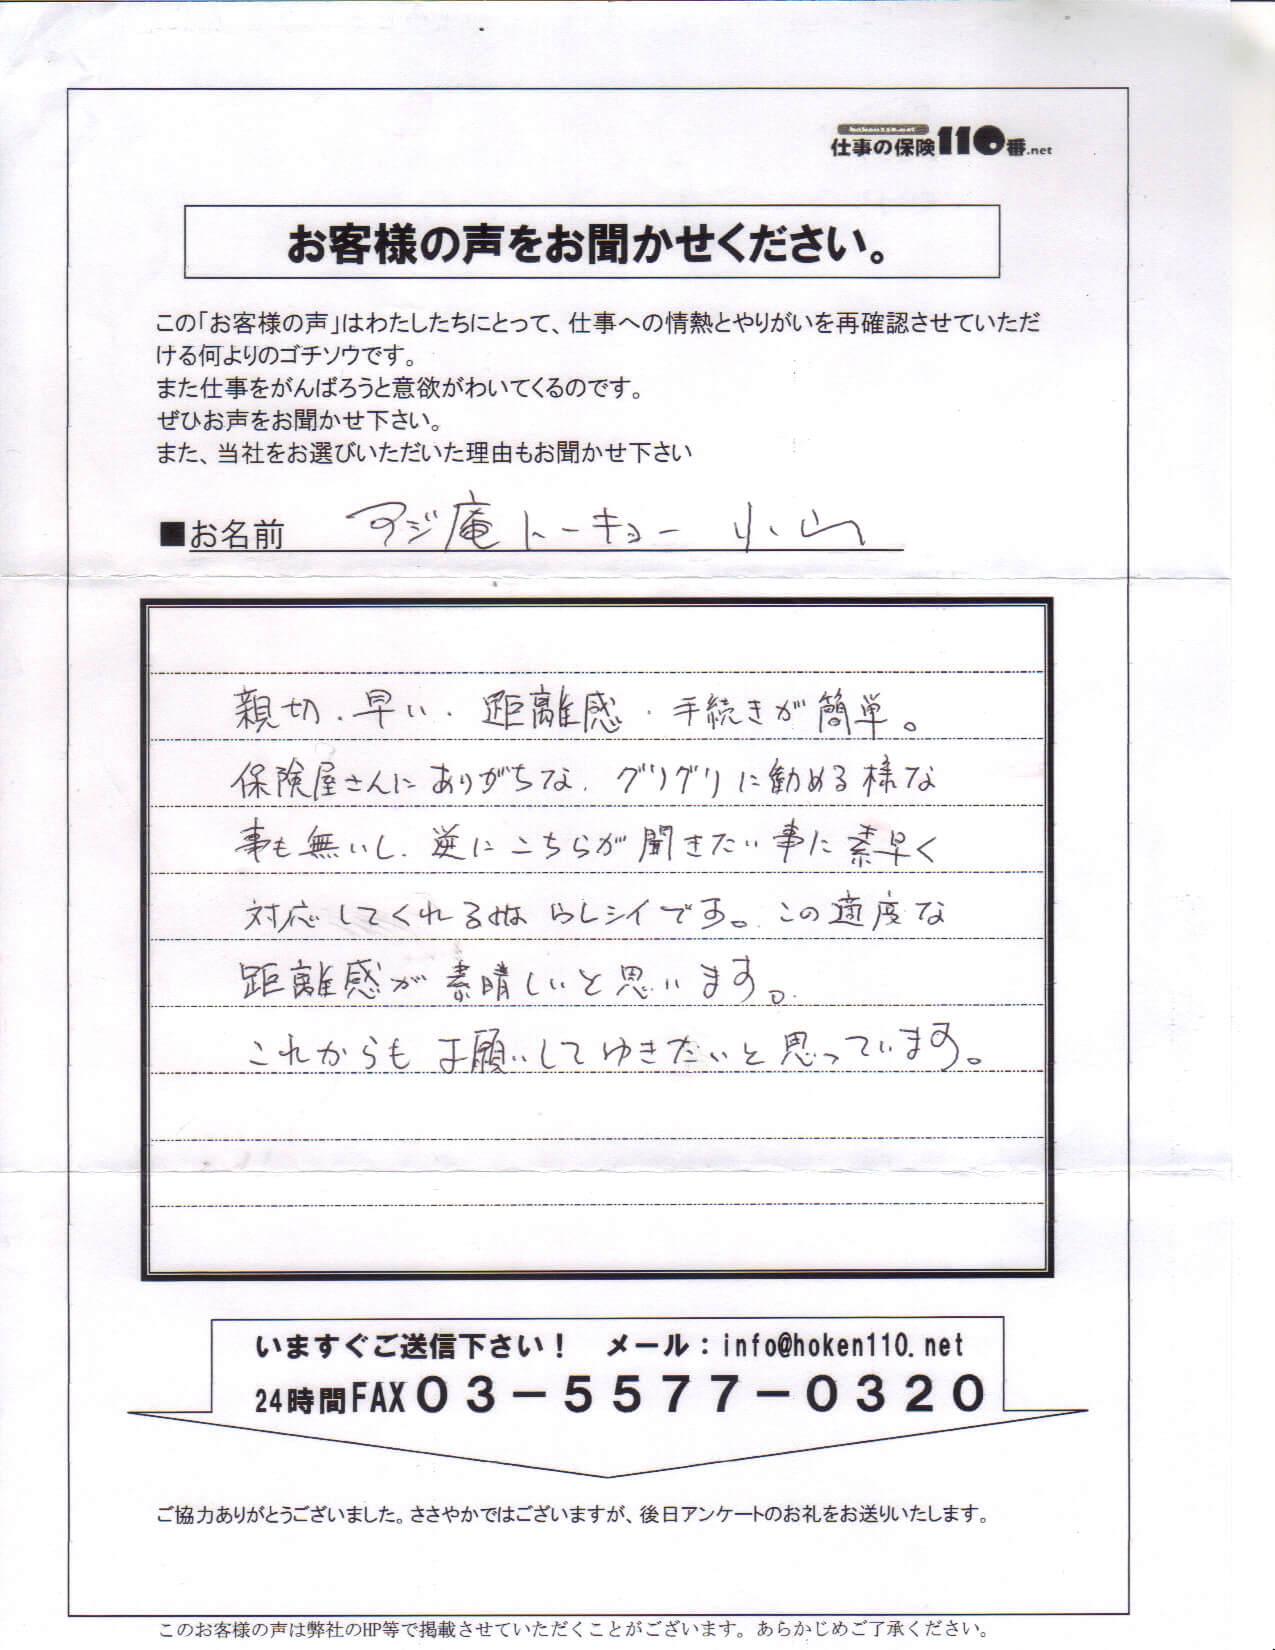 2010-05-13 14;50;55.jpg